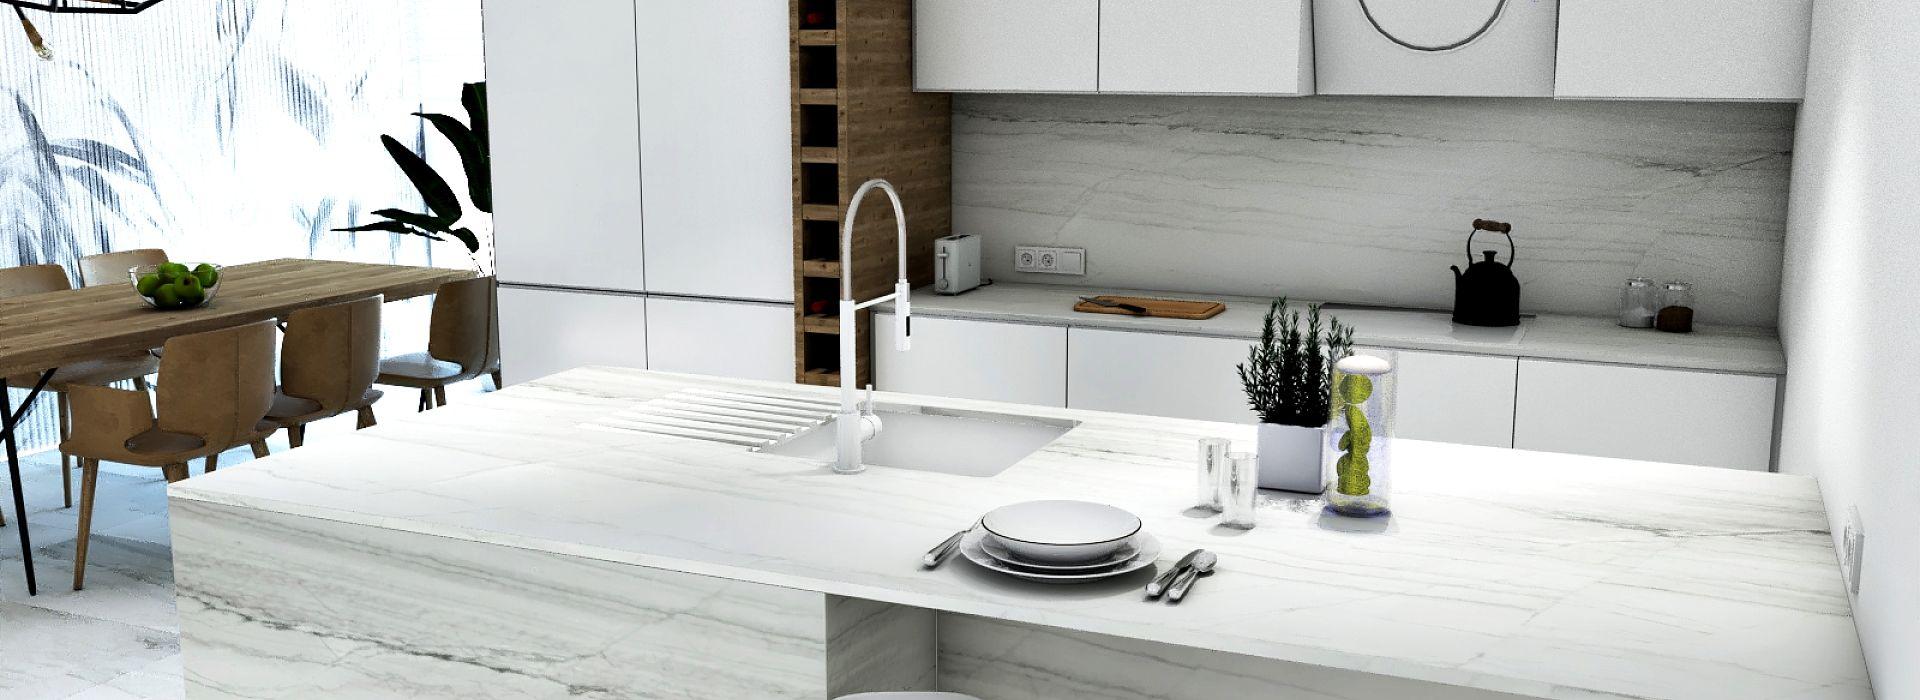 wizualizacja kuchnia 2 granit white macaubas.jpg